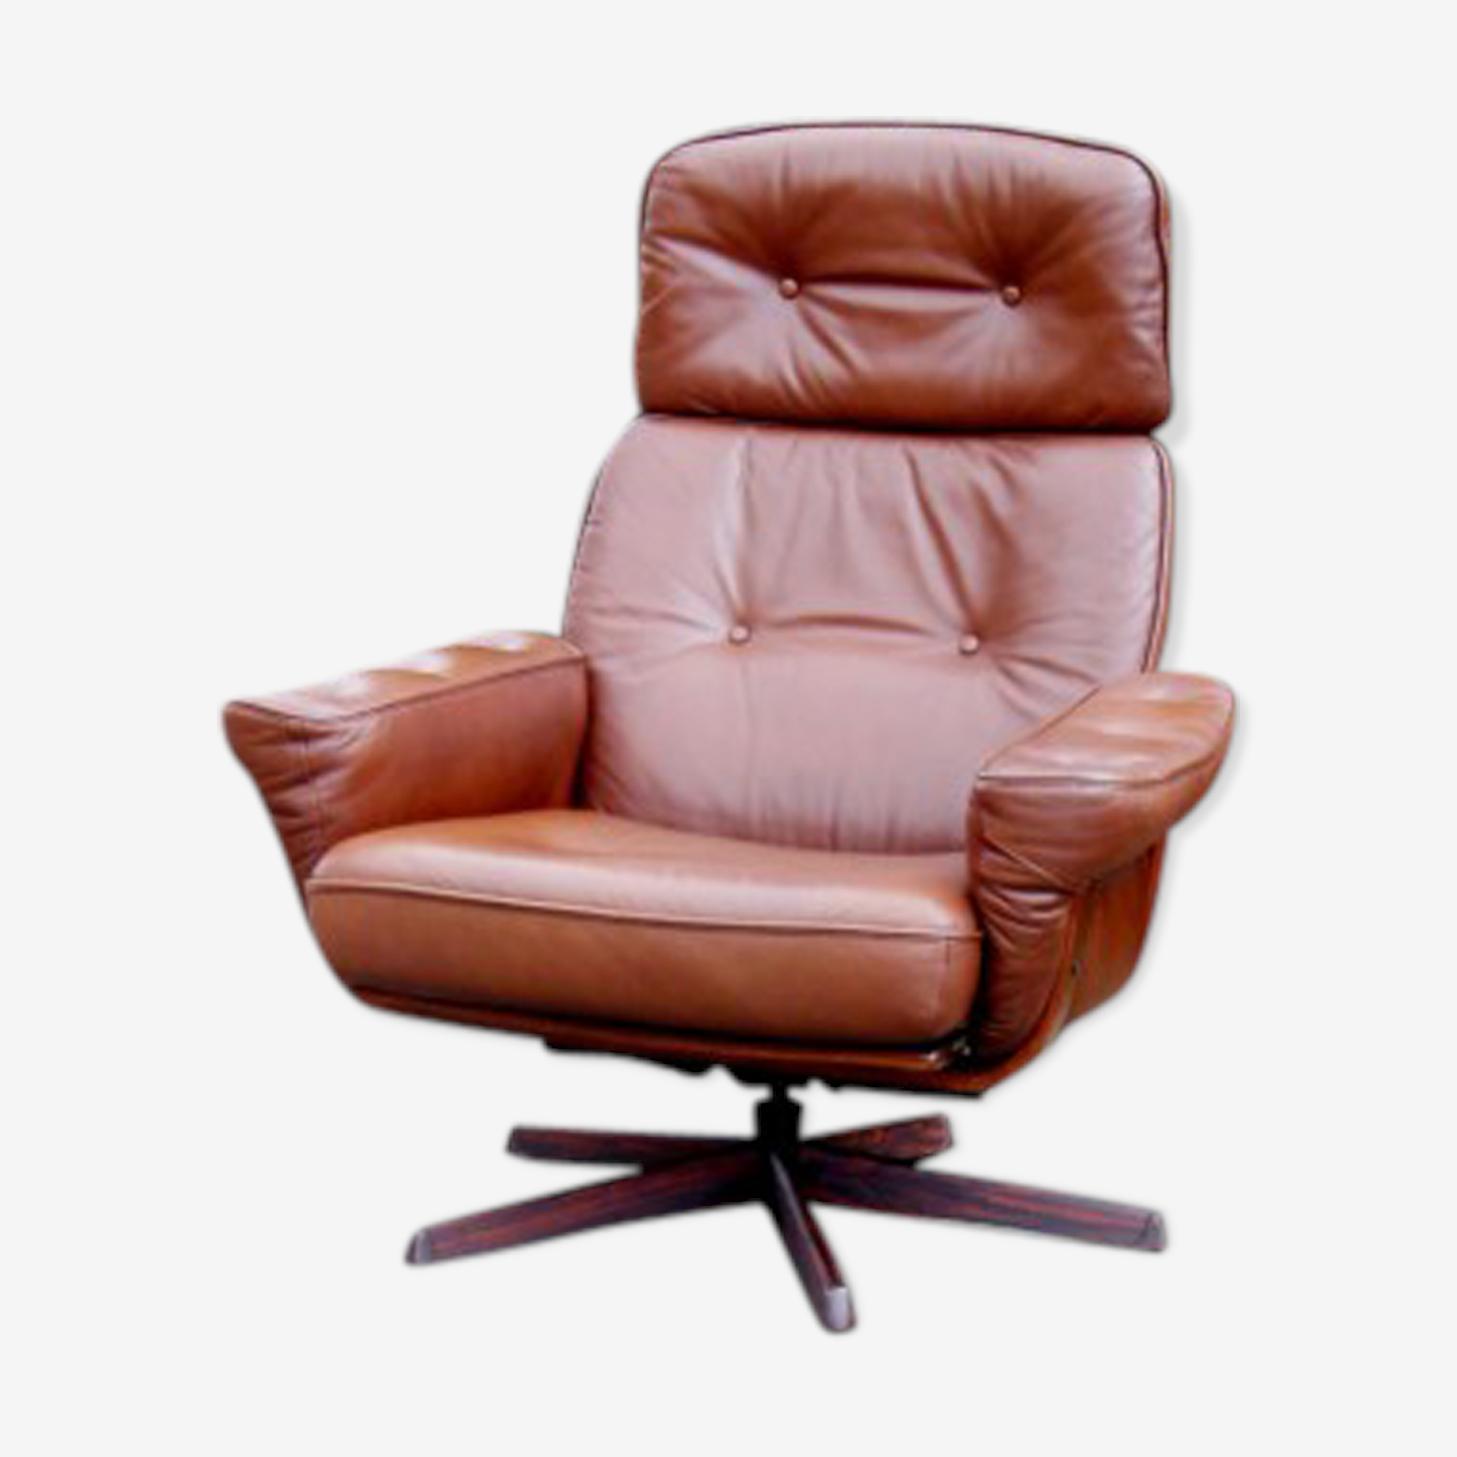 Fauteuil relax en cuir brun G Möbel cuir marron design EBczxWn